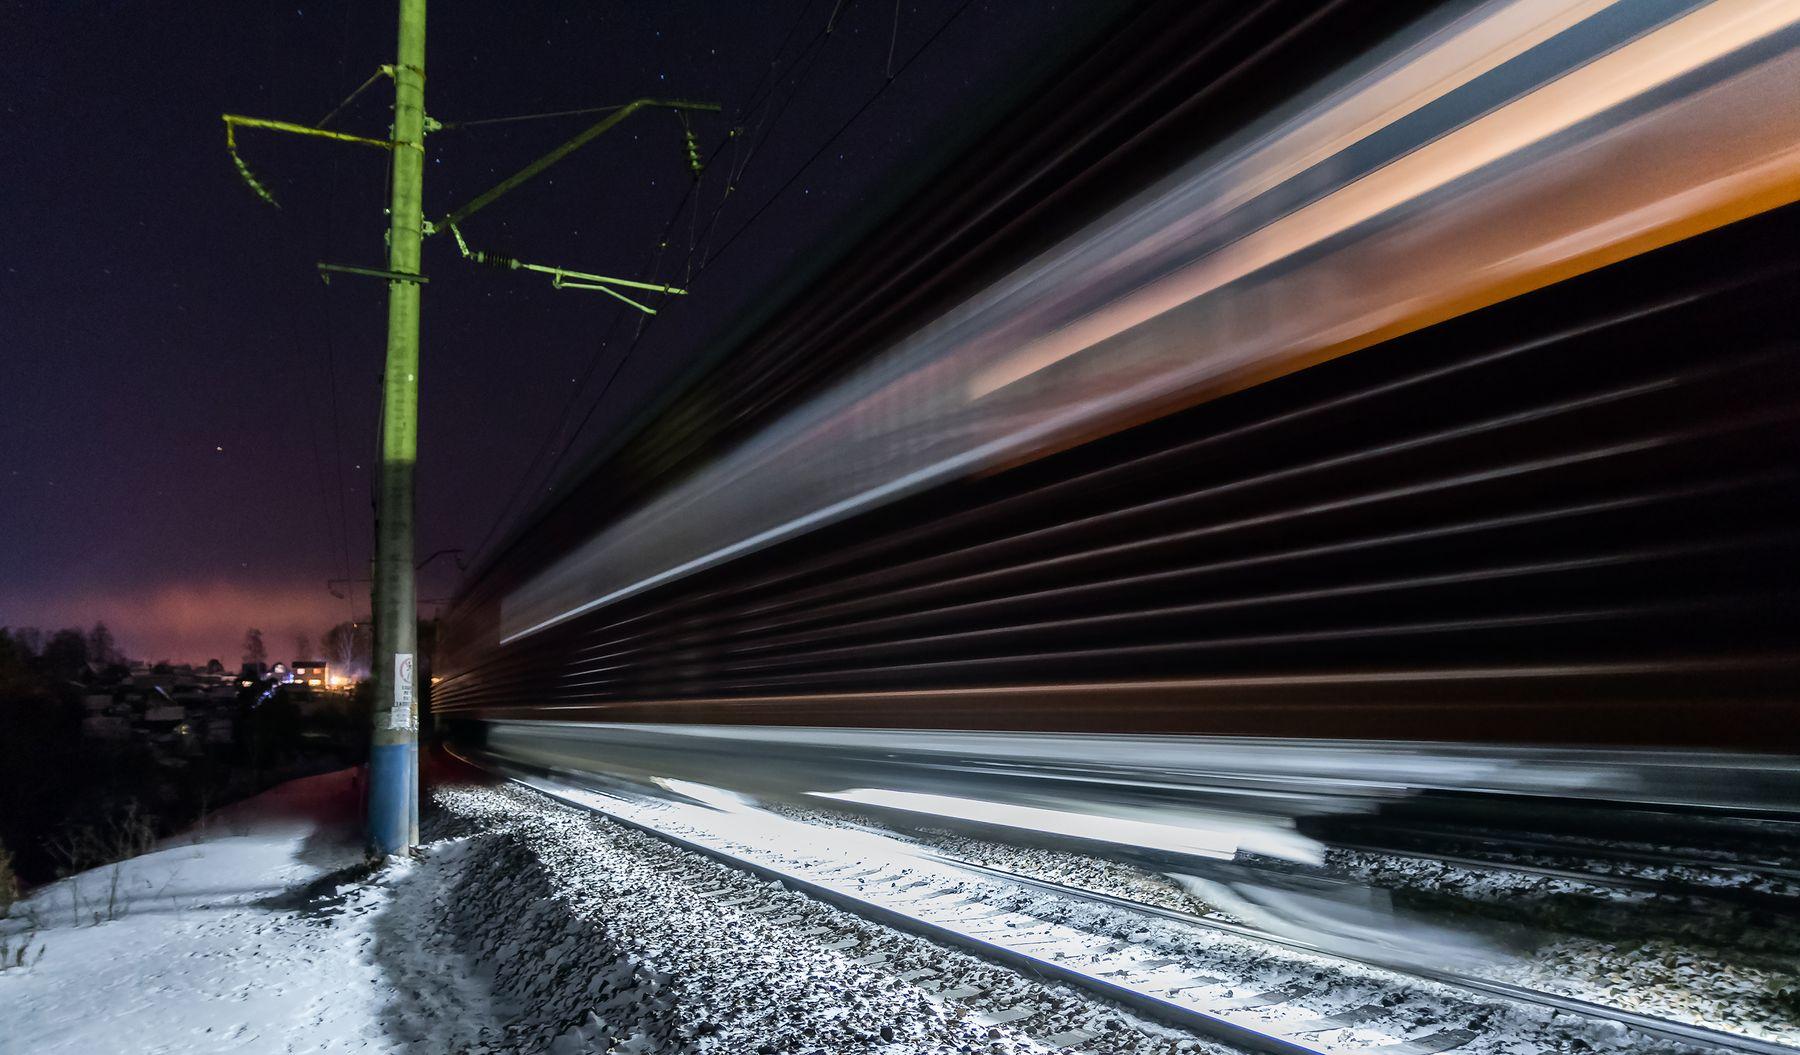 Ночная стрела Поезд ночь